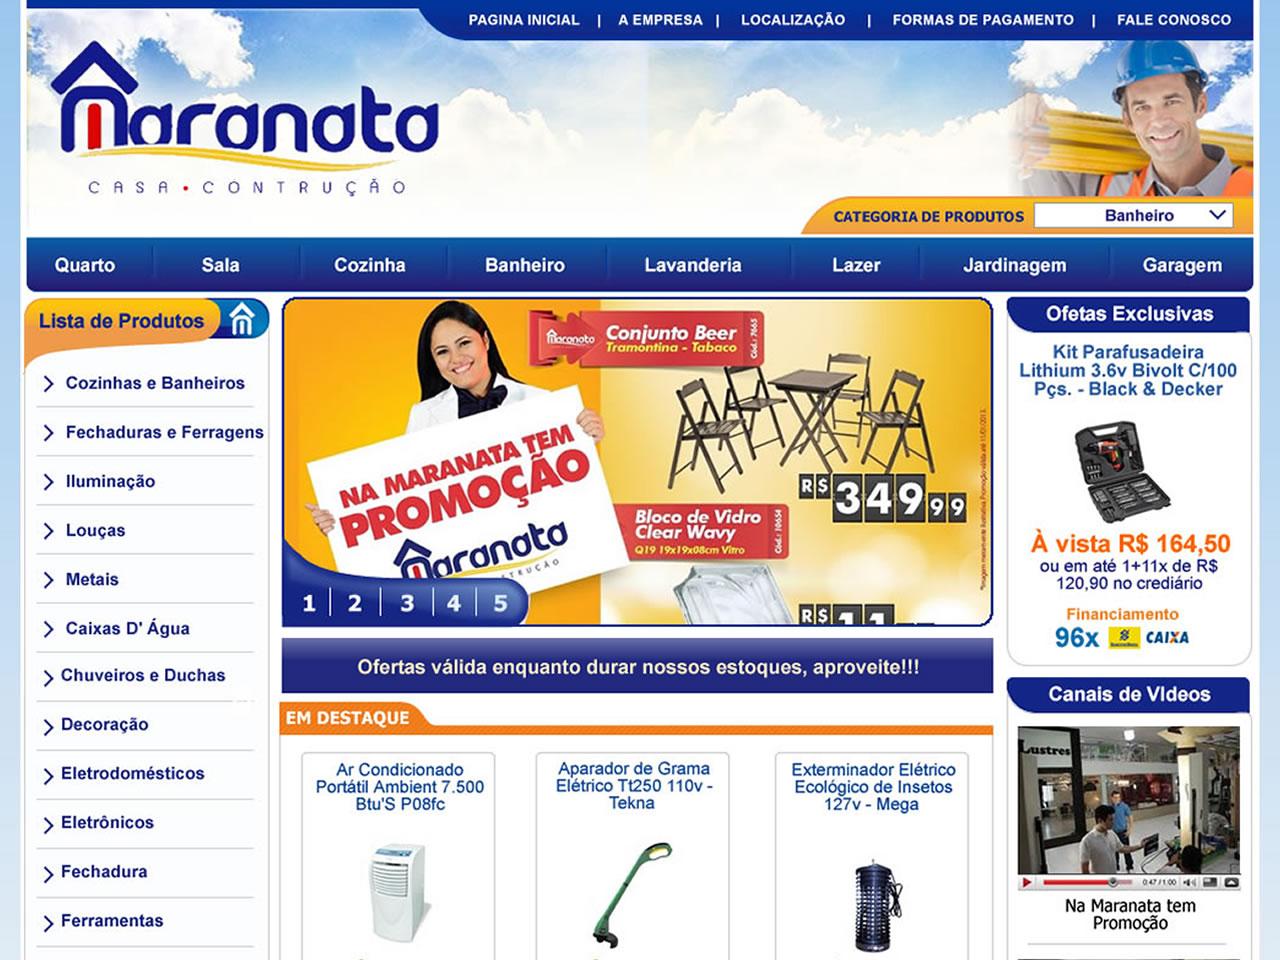 Loja especializada em venda de materiais de construção e para o lar